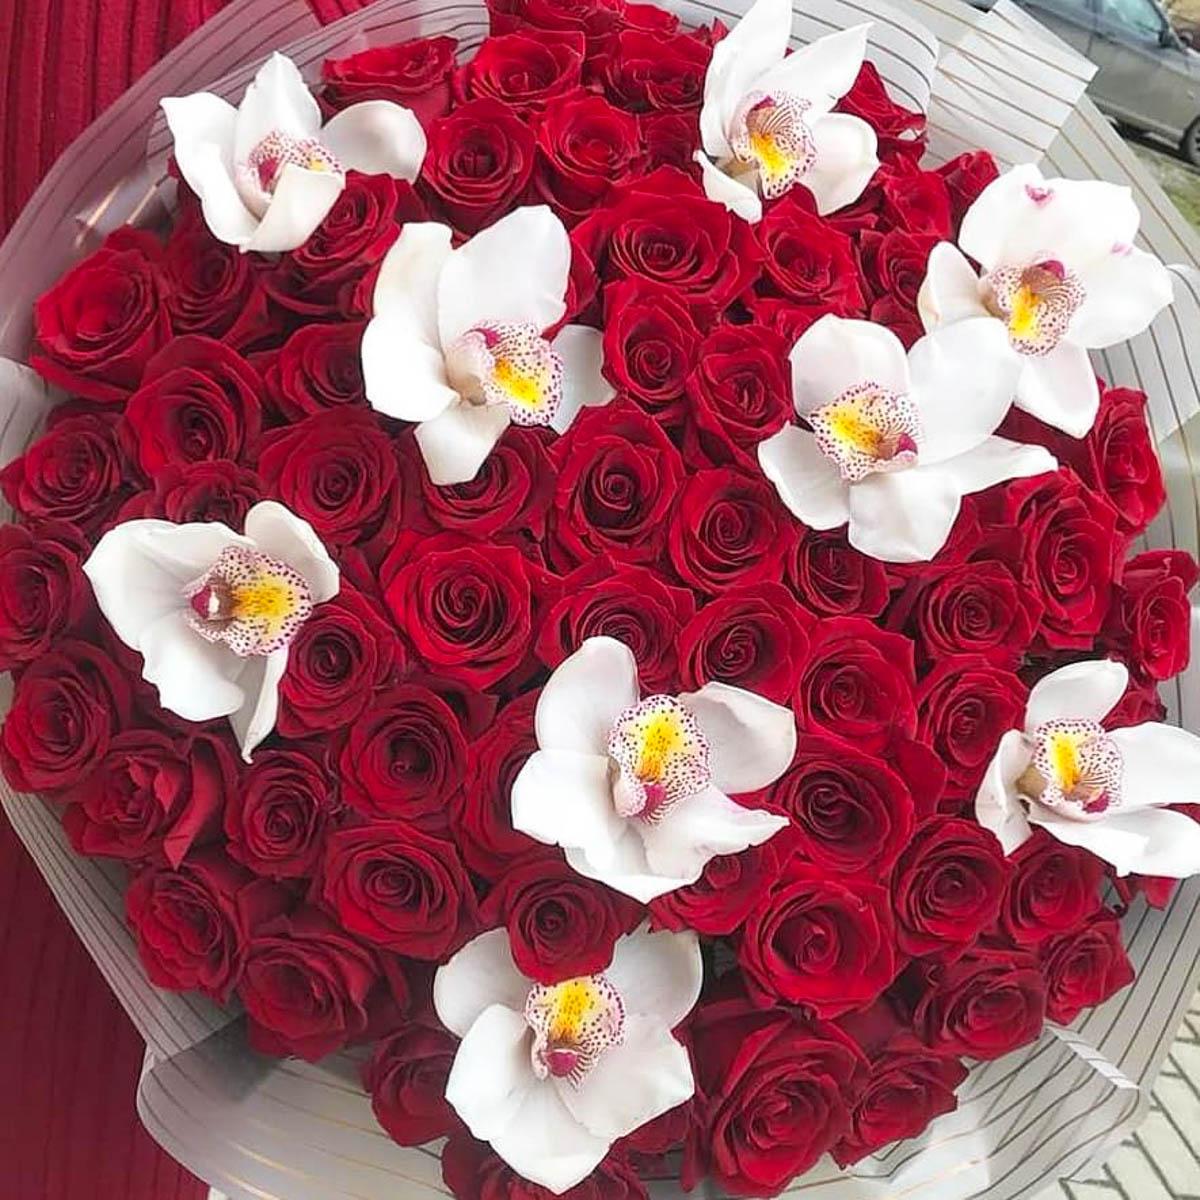 клиенты стали орхидеи и красные розы букет фото находят таким